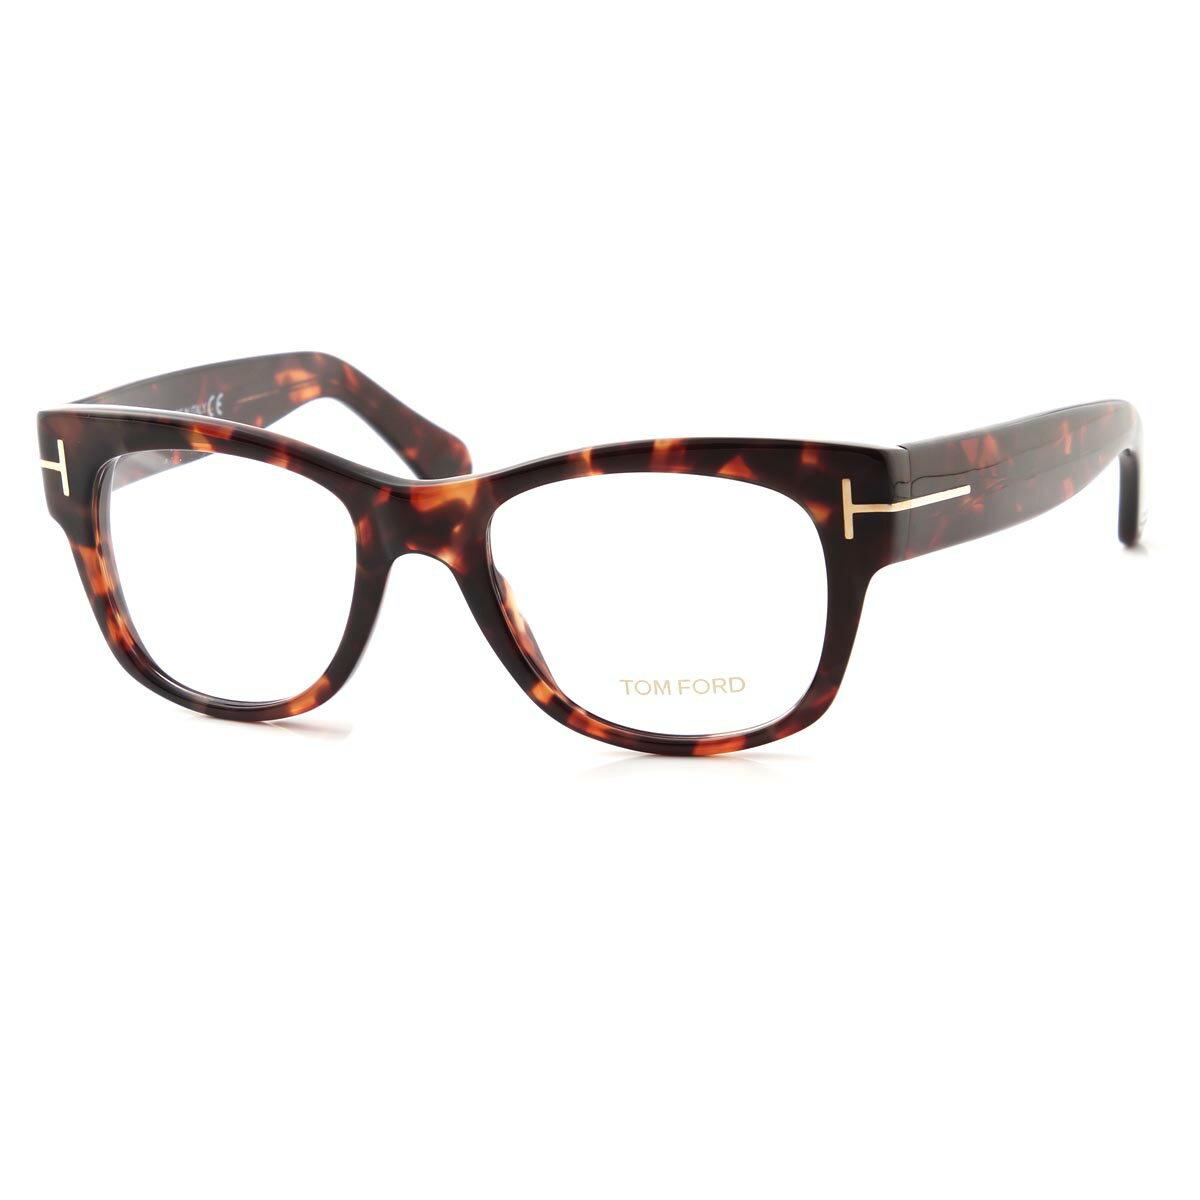 トムフォード TOM FORD 眼鏡 メガネ ブラウン メンズ フレーム ft5040 182 ウェリントン【あす楽対応_関東】【ラッピング無料】【返品送料無料】